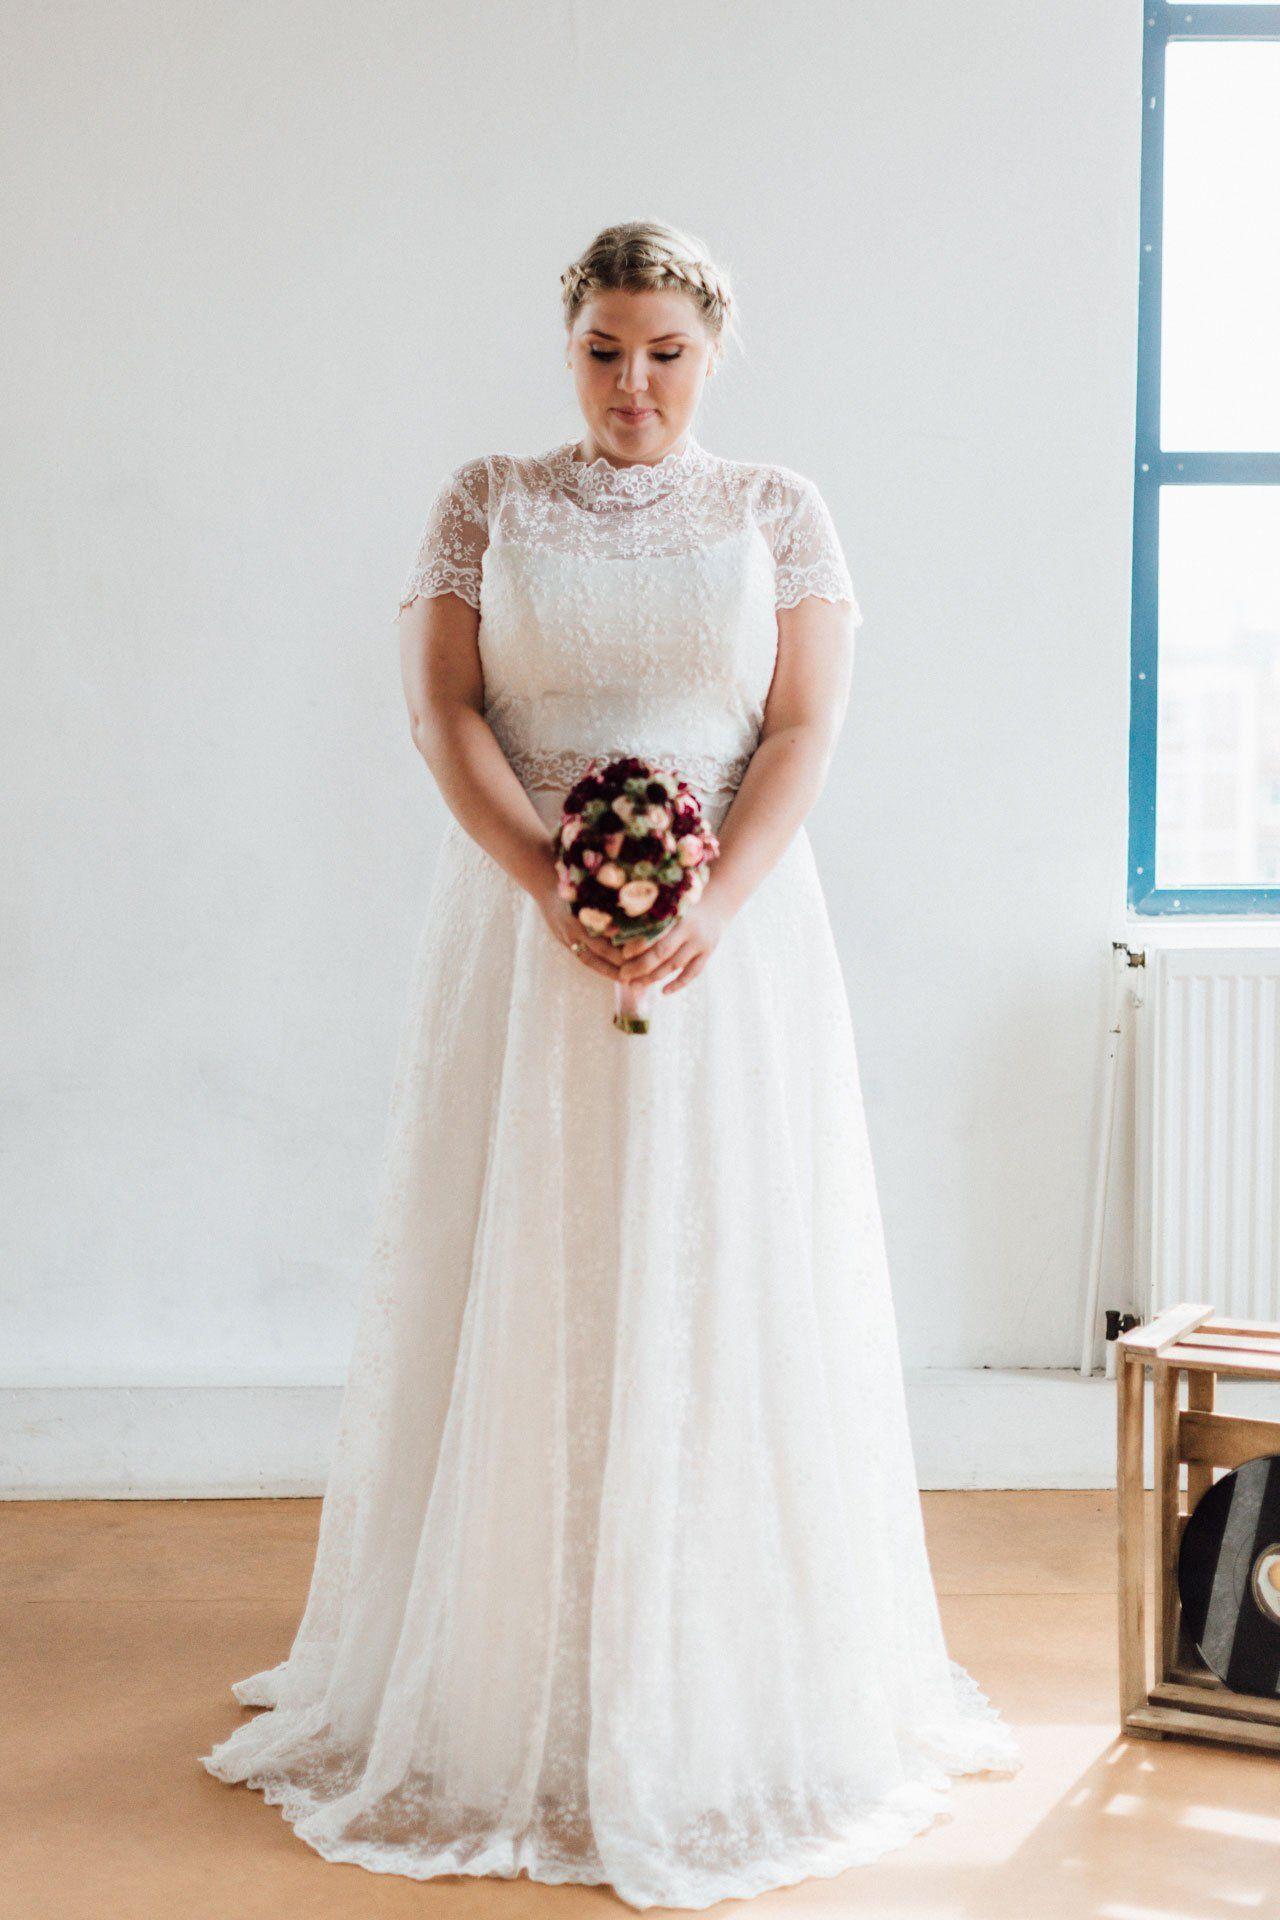 Brautkleider Größe 14 14 14 Sue  Braut, Kleider hochzeit